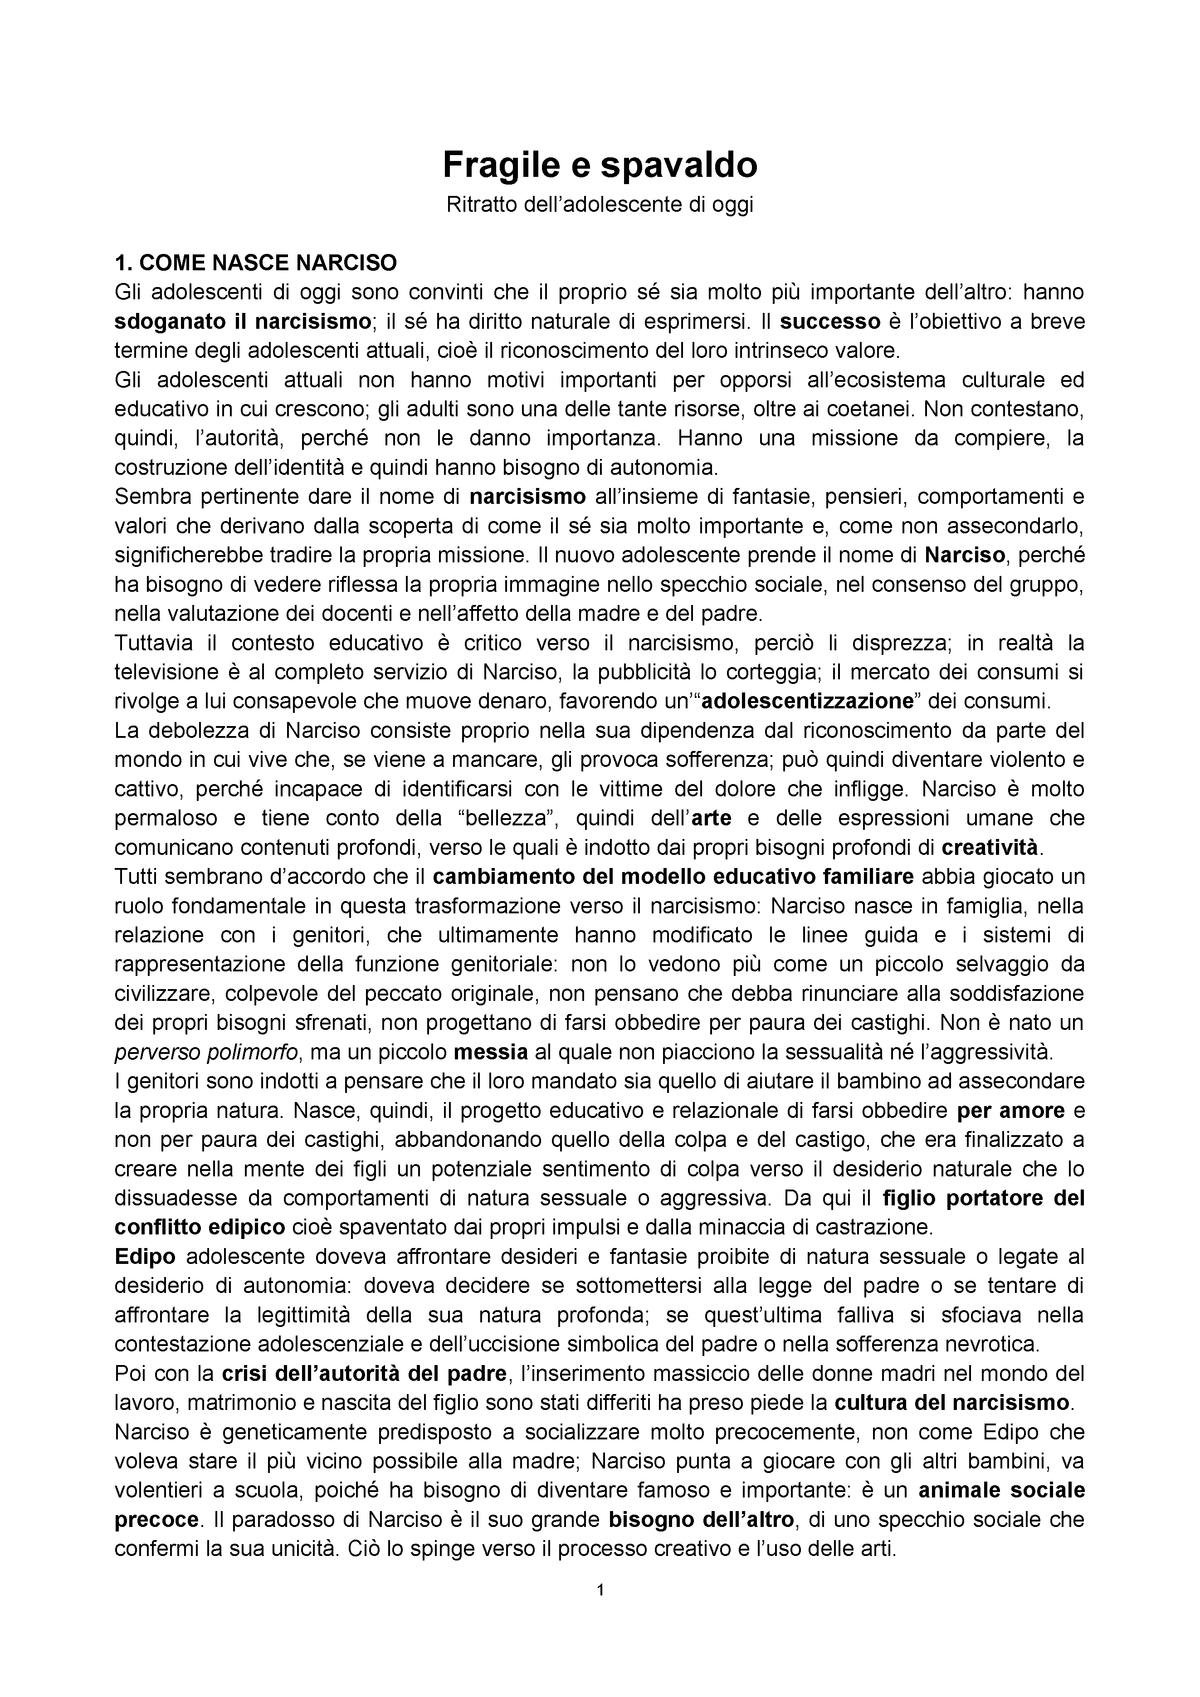 Fragile e spavaldo - Psicologia dello sviluppo 49101 - UniNa